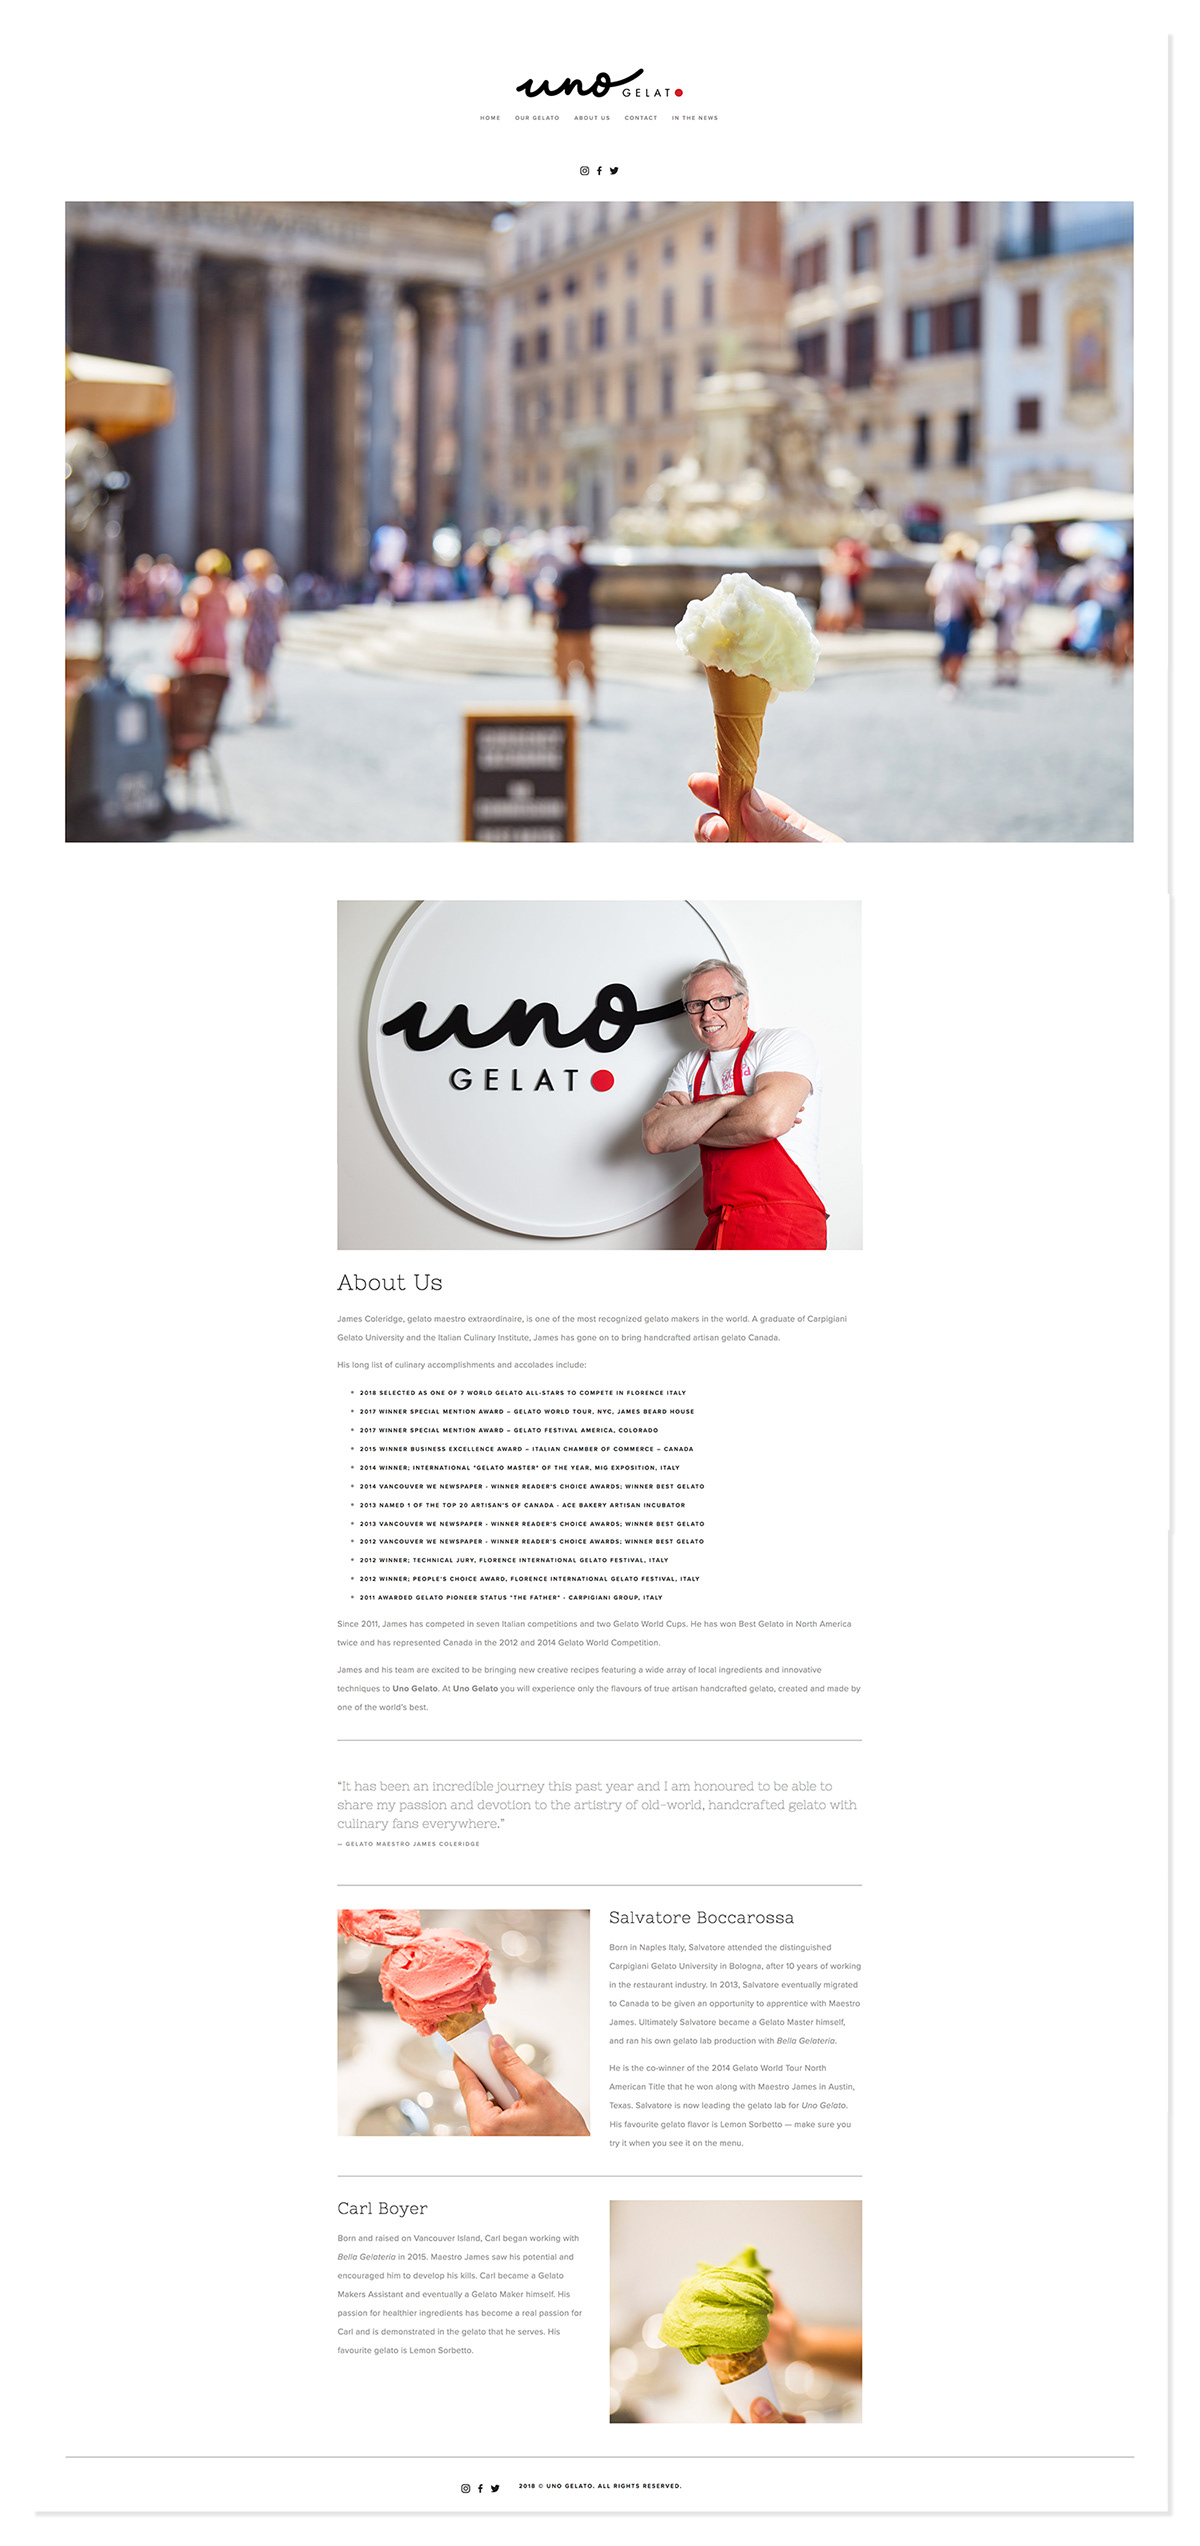 uno_web3.jpg